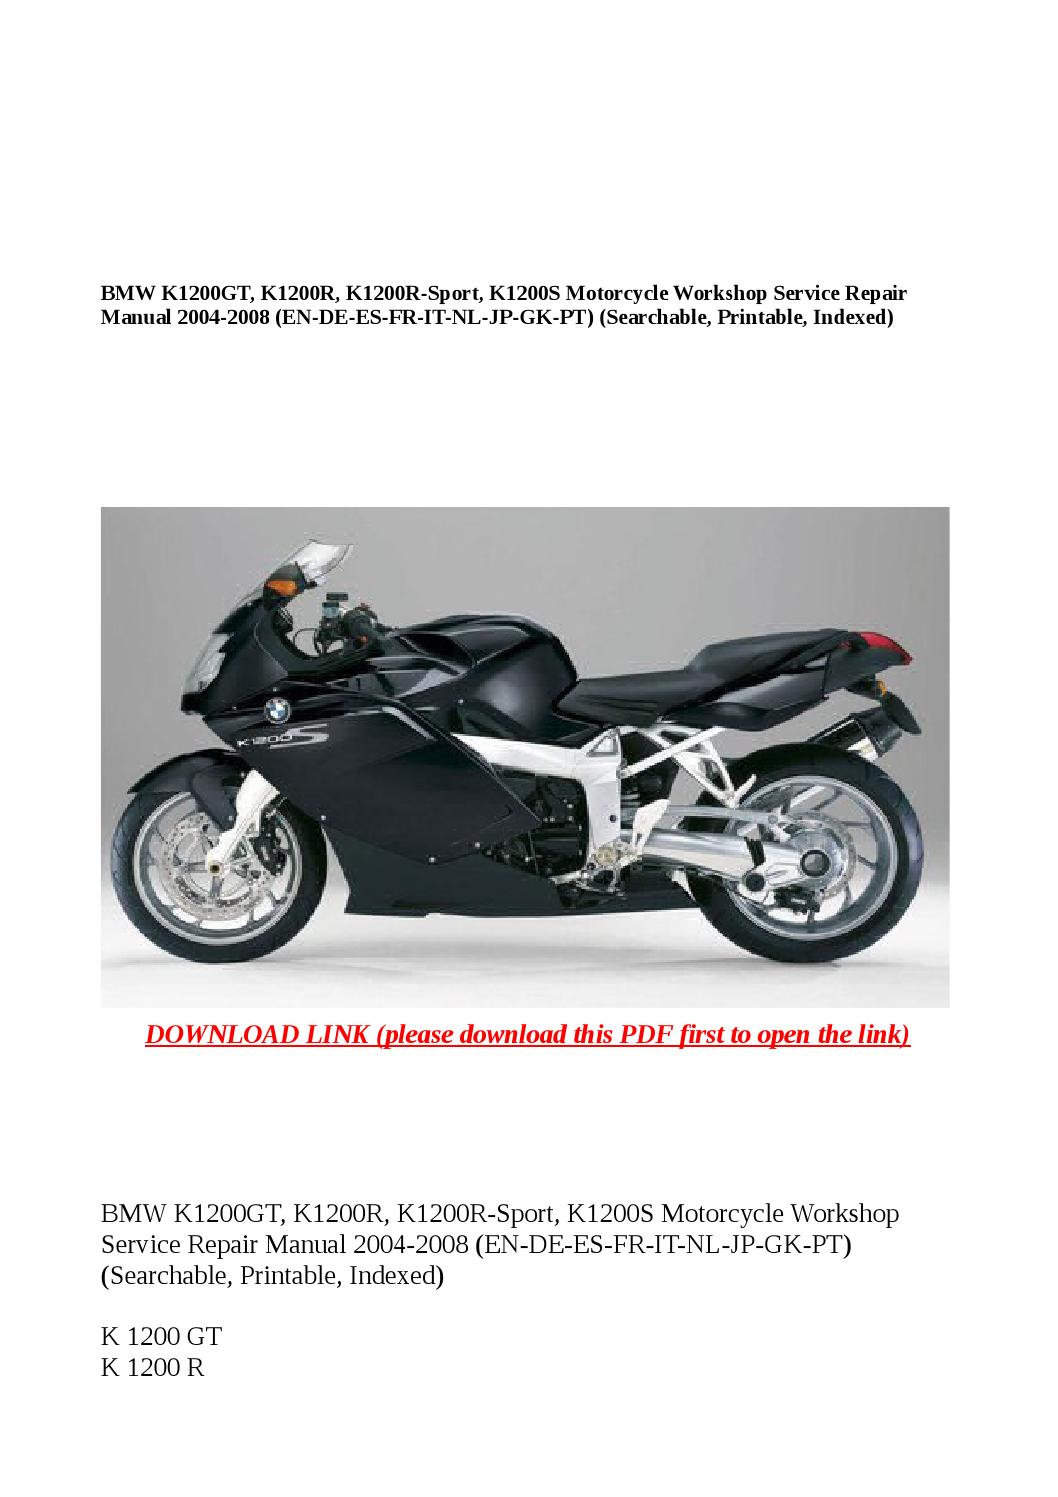 Bmw K1200gt K1200r Sport K1200s Motorcycle Workshop Wiring Diagram Service Repair Manual 2004 2008 En De By Anna Tang Issuu